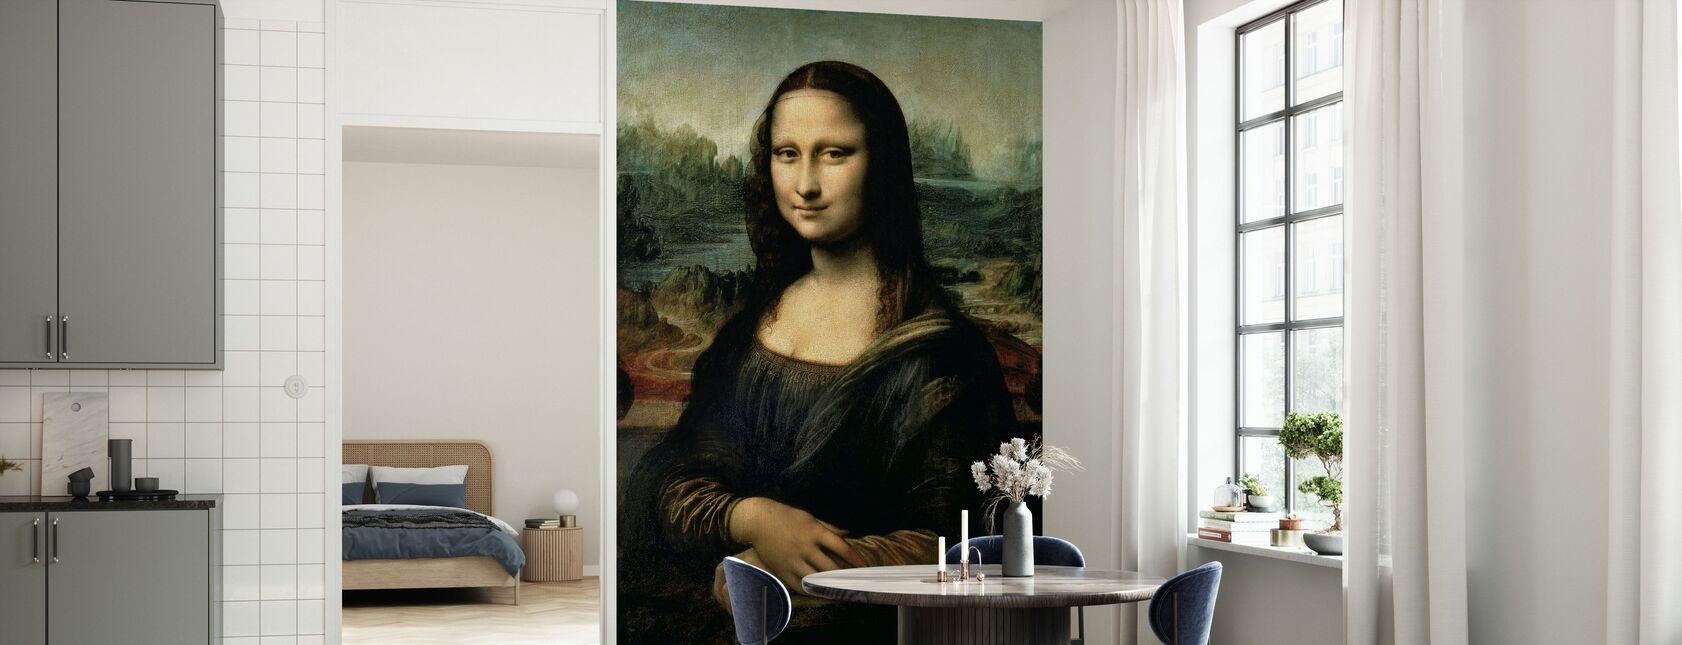 Mona Lisa, Leonardo da Vinci - Behang - Keuken